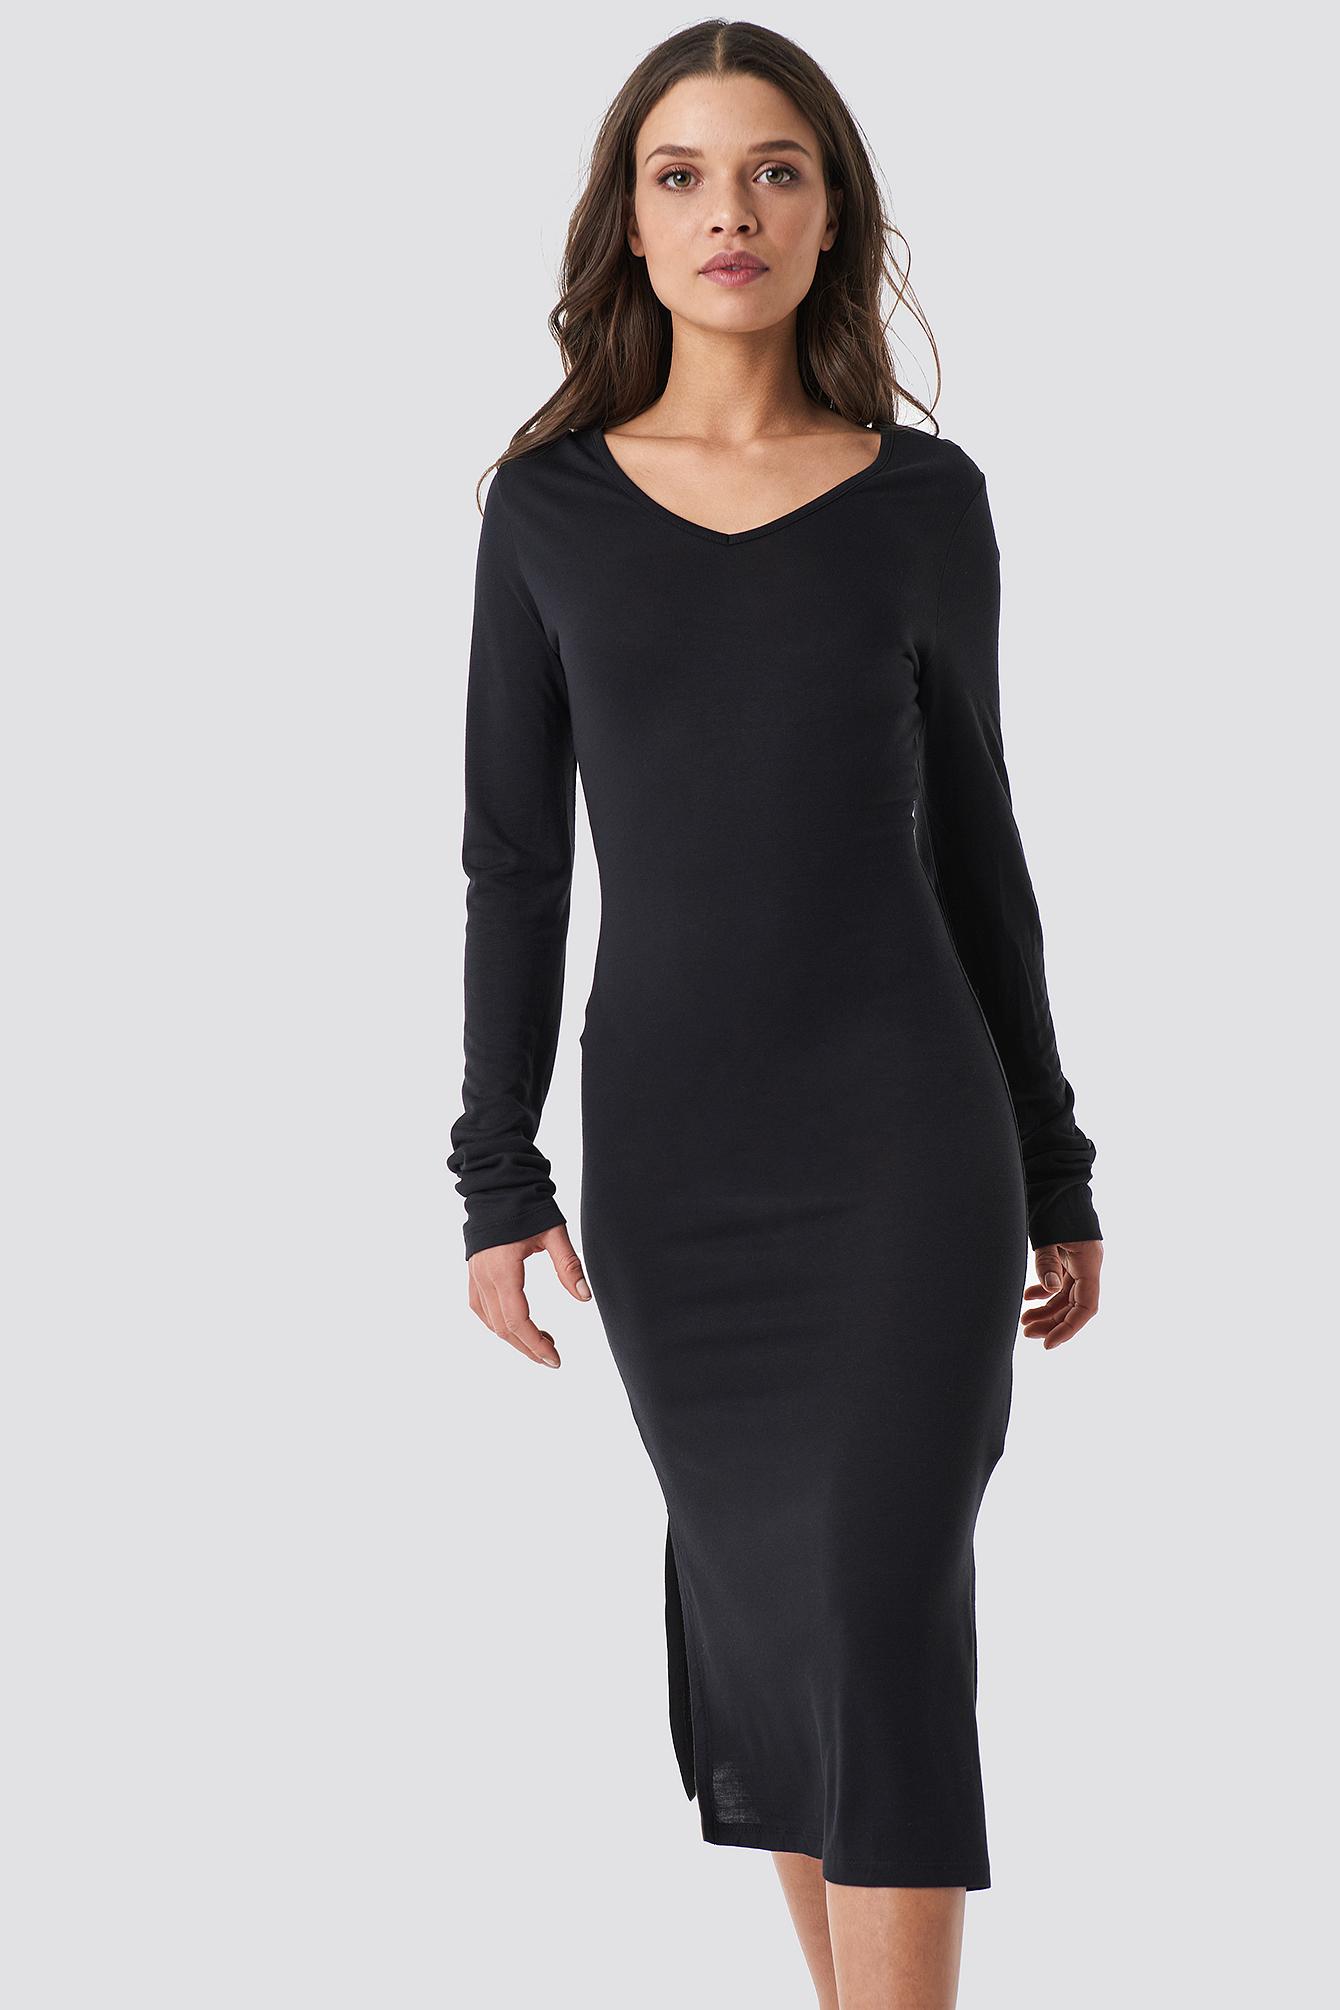 Low Back Jersey Dress NA-KD.COM